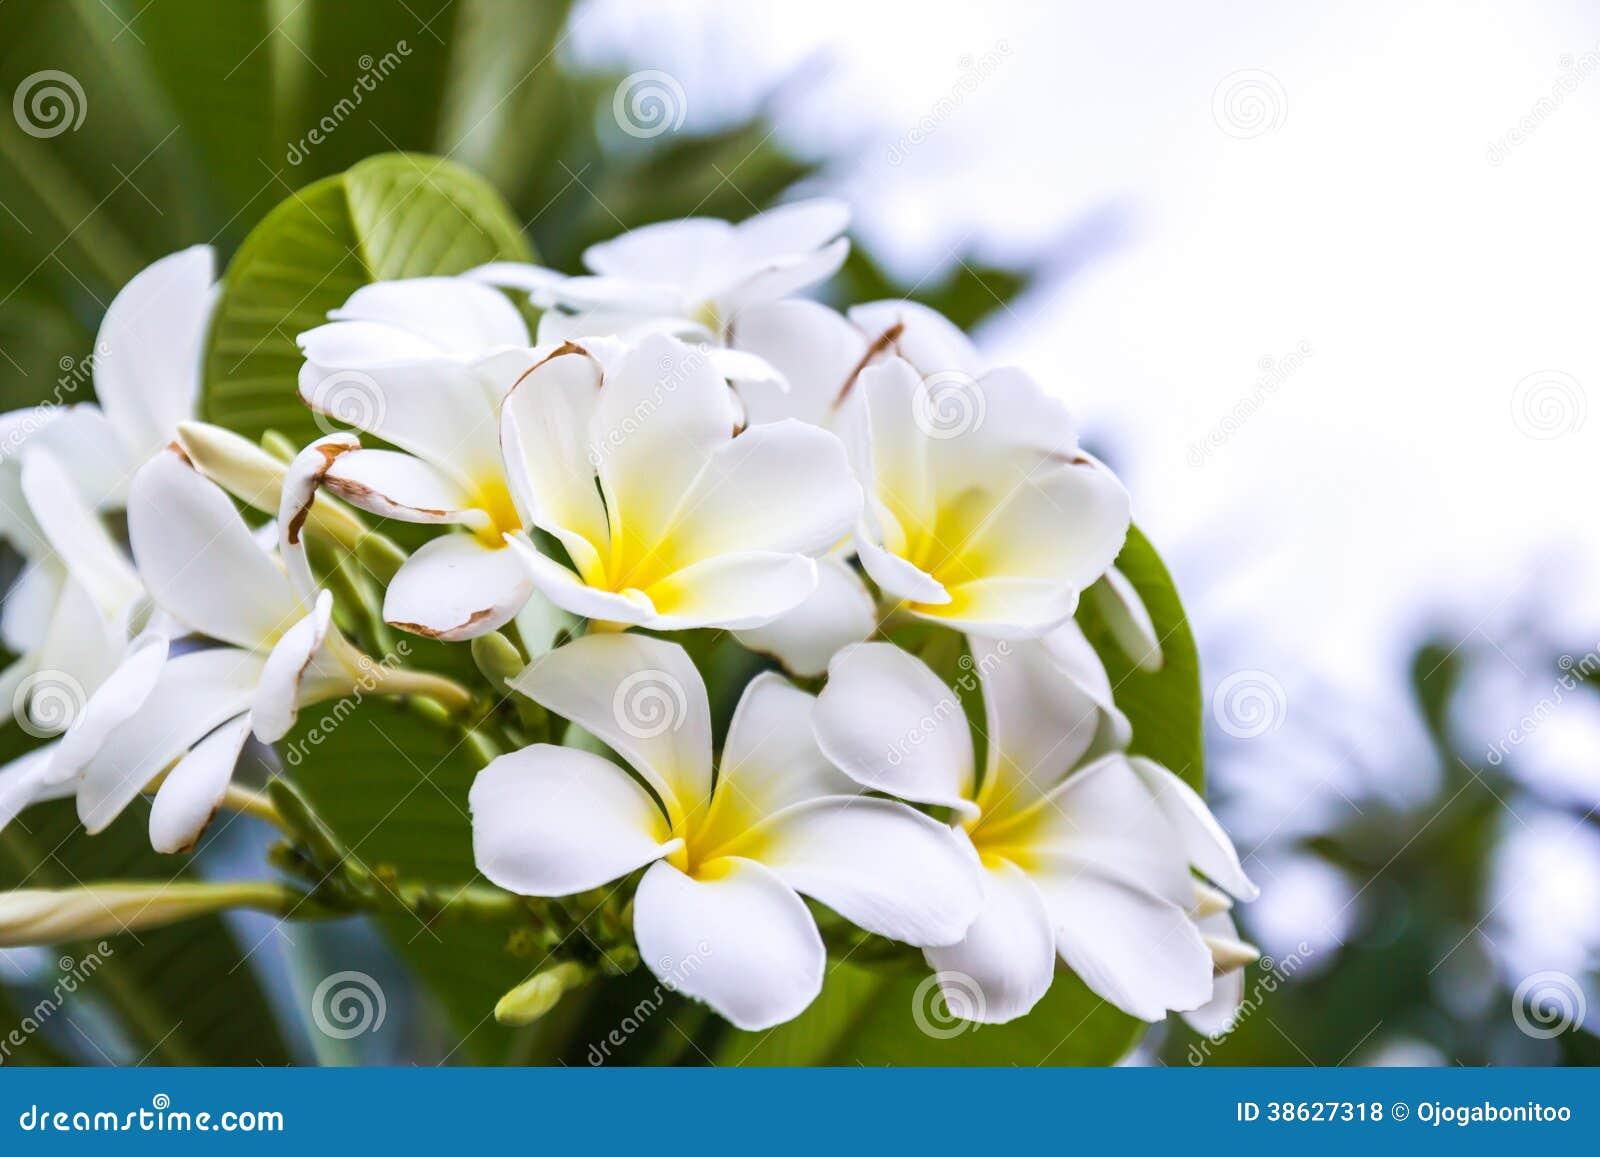 fiori bianchi e gialli del frangipani fotografia stock